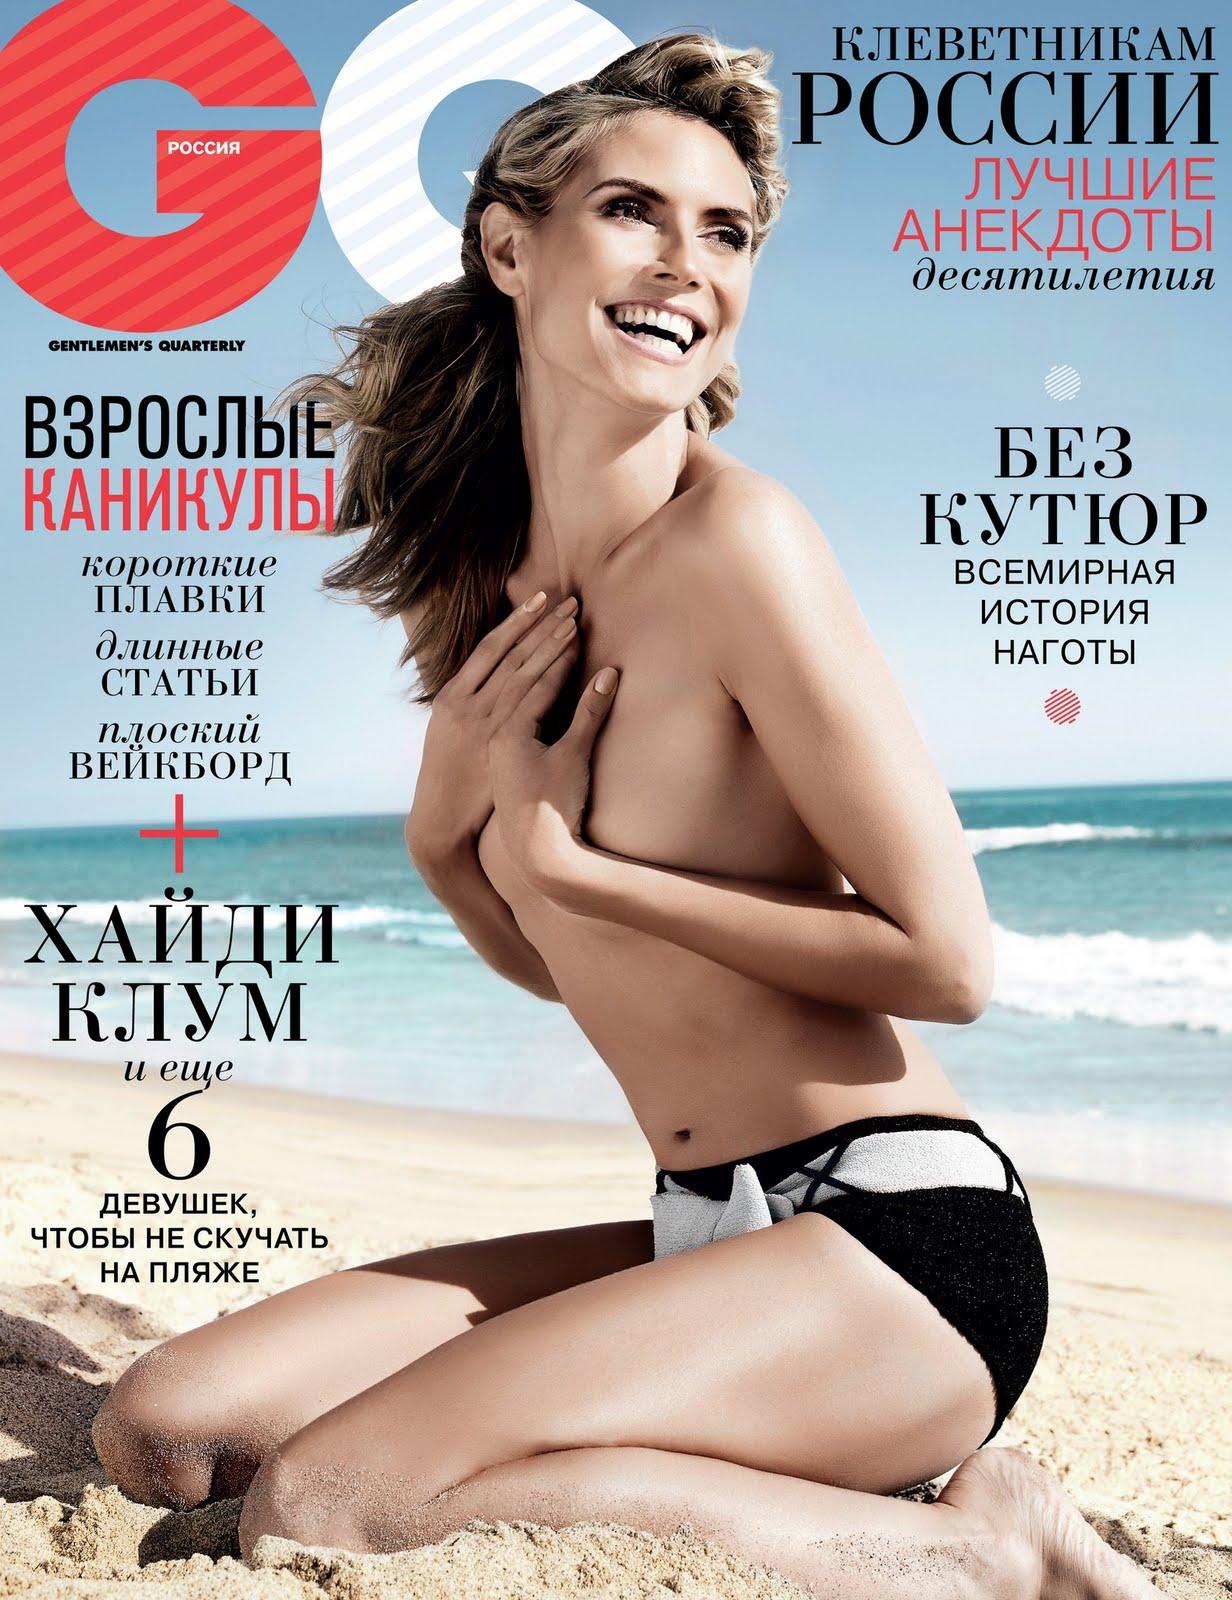 Heidi+Klum+by+Rankin+%28GQ+Russia+July+2011%29.jpg